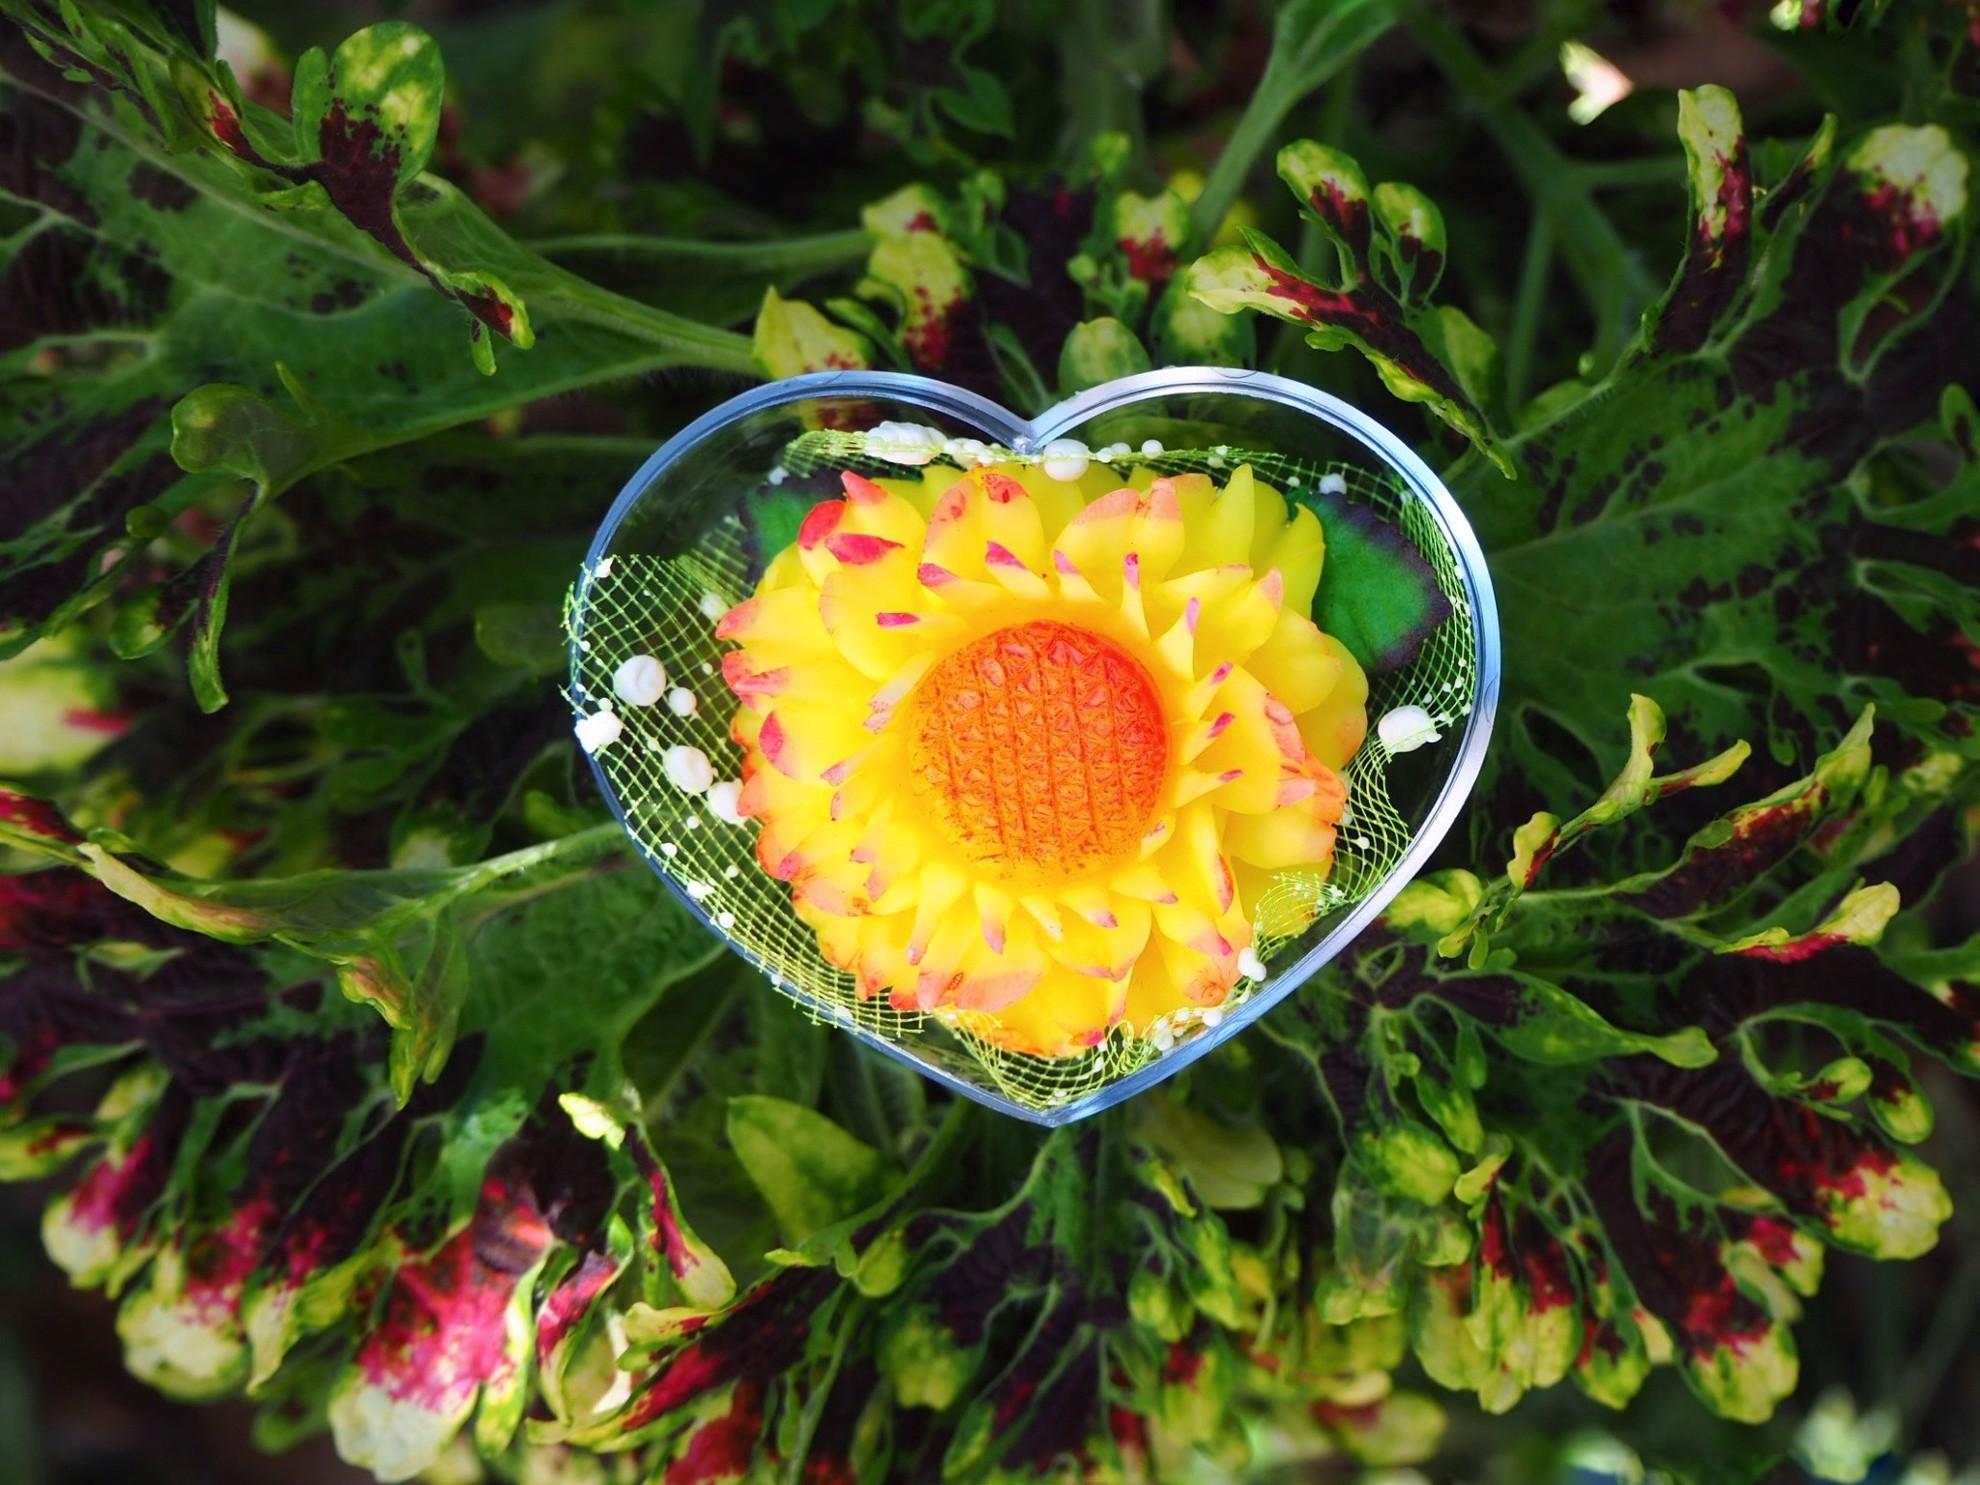 Image de Savons décoratifs de fleurs de soleil (4). Sculpture de savon